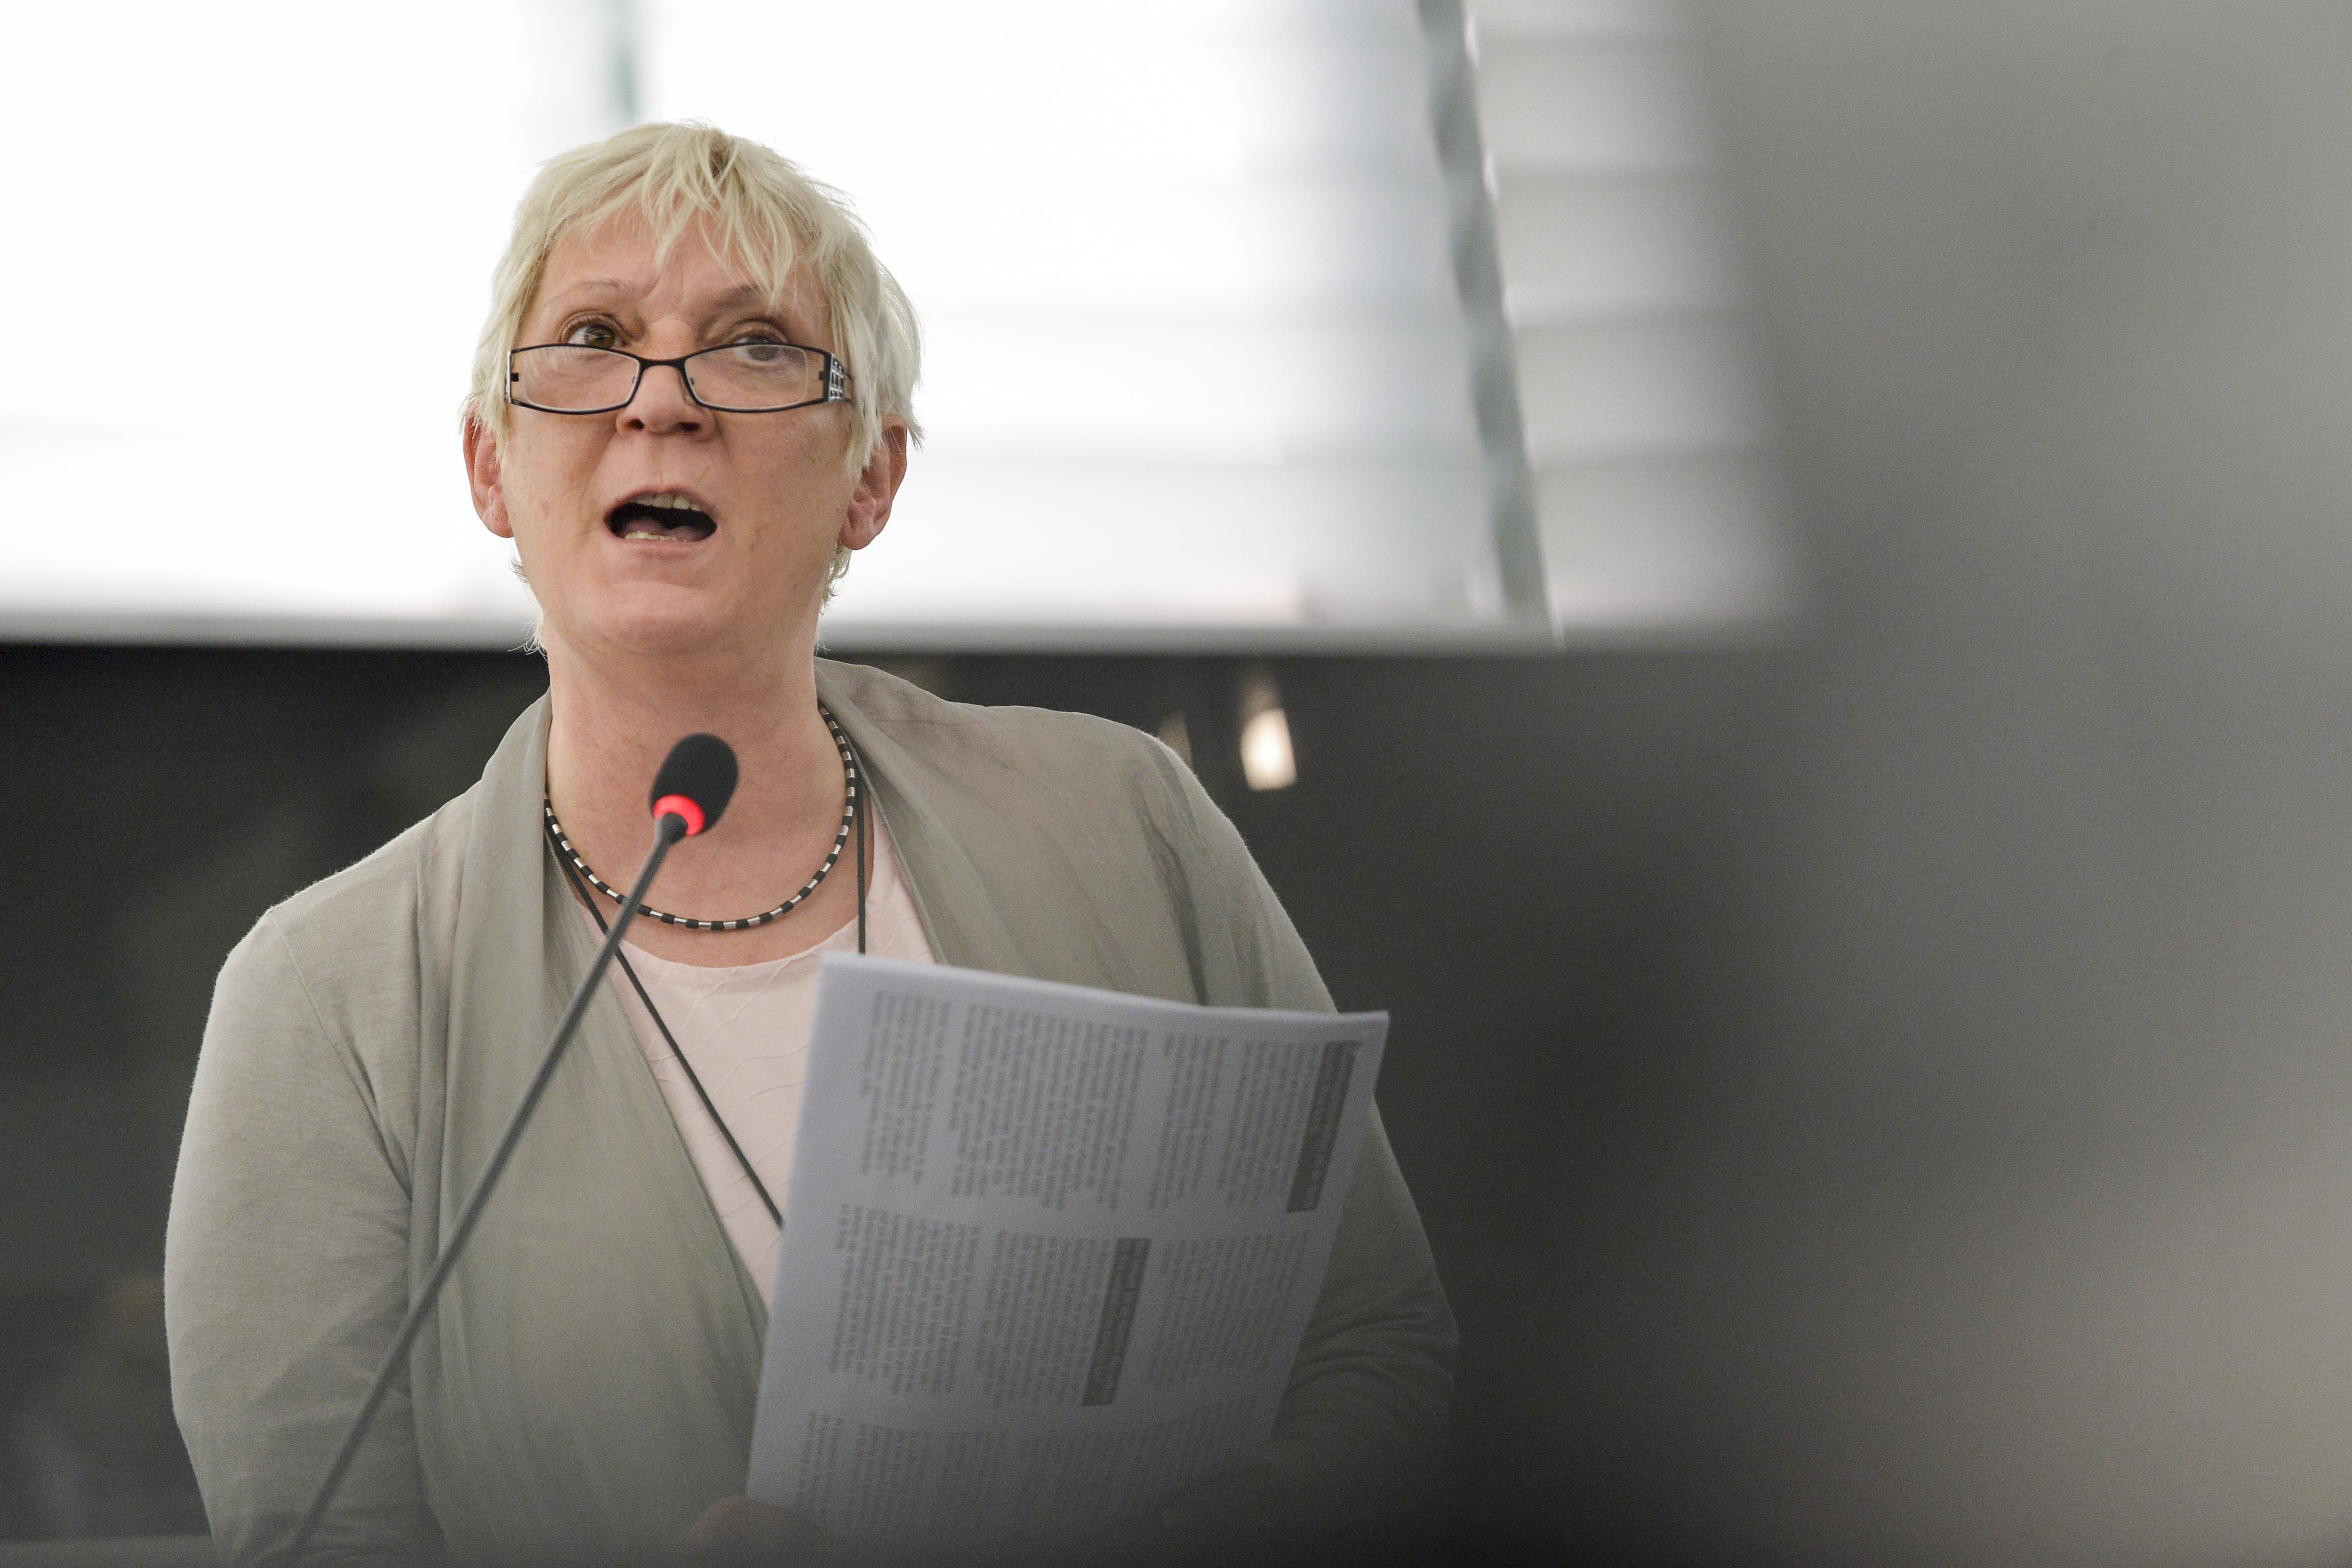 Martina Michels Diyarbakir Kisanak Europa Türkei EU Kurden